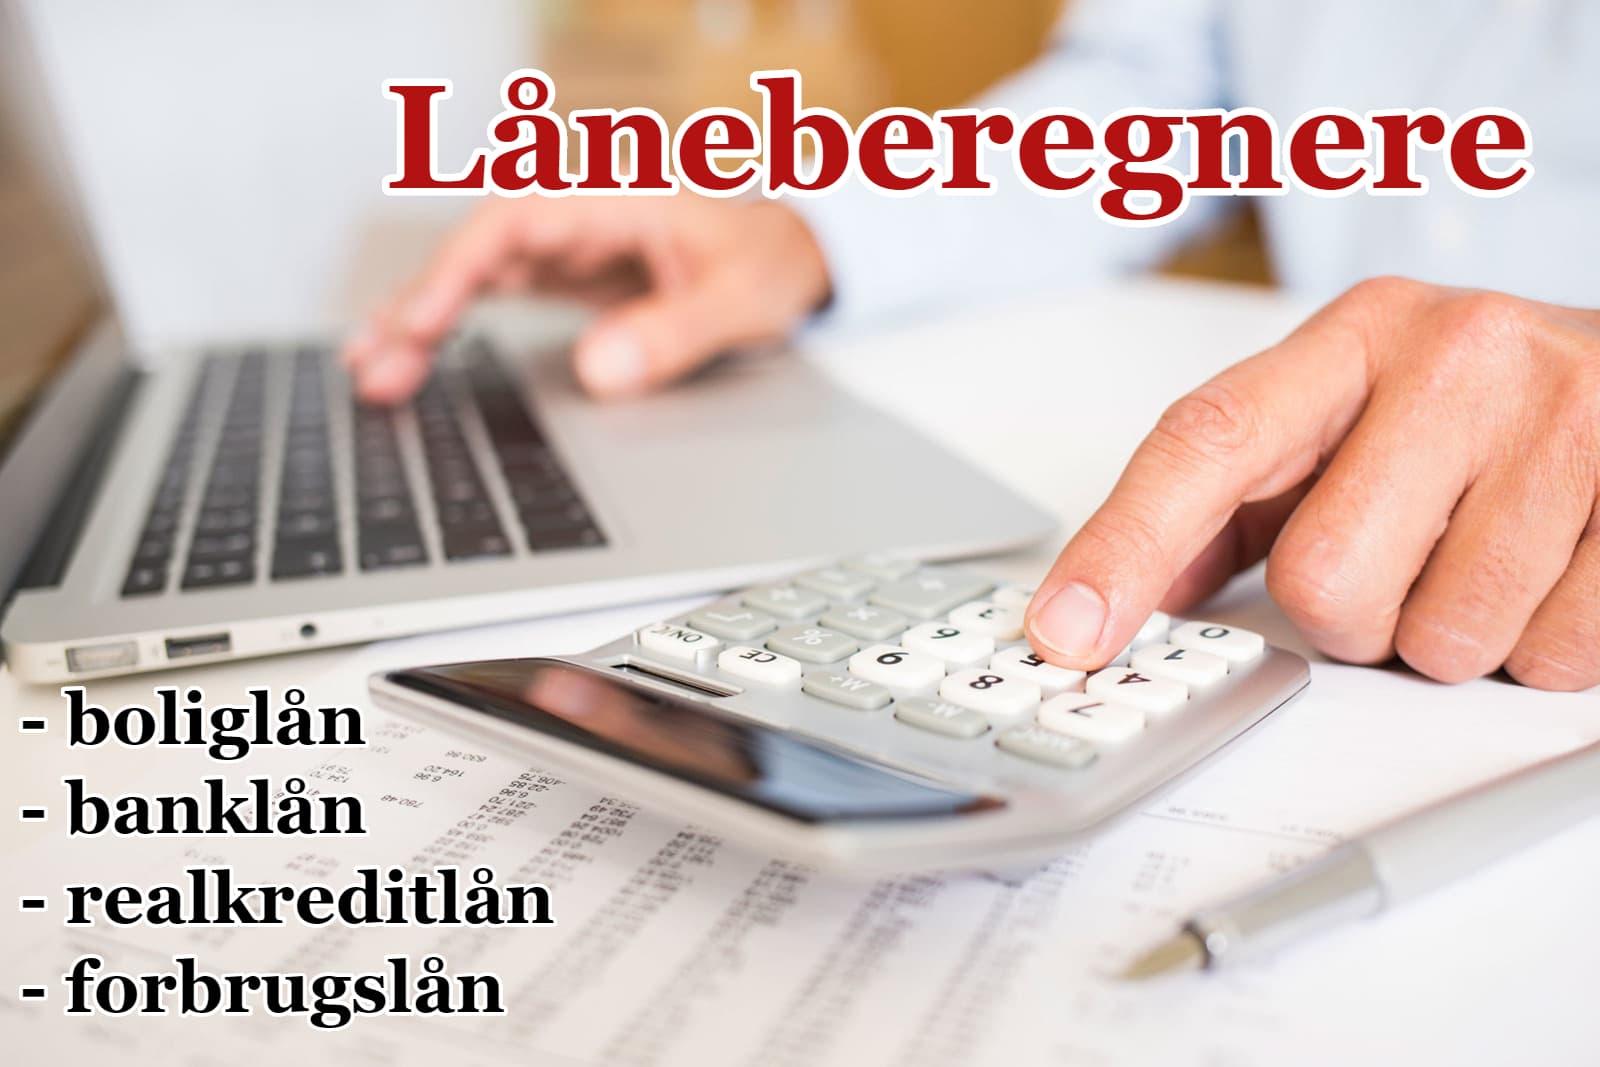 Hos Lånekassen finder du låneberegnere til beregning af alle typer af lån.